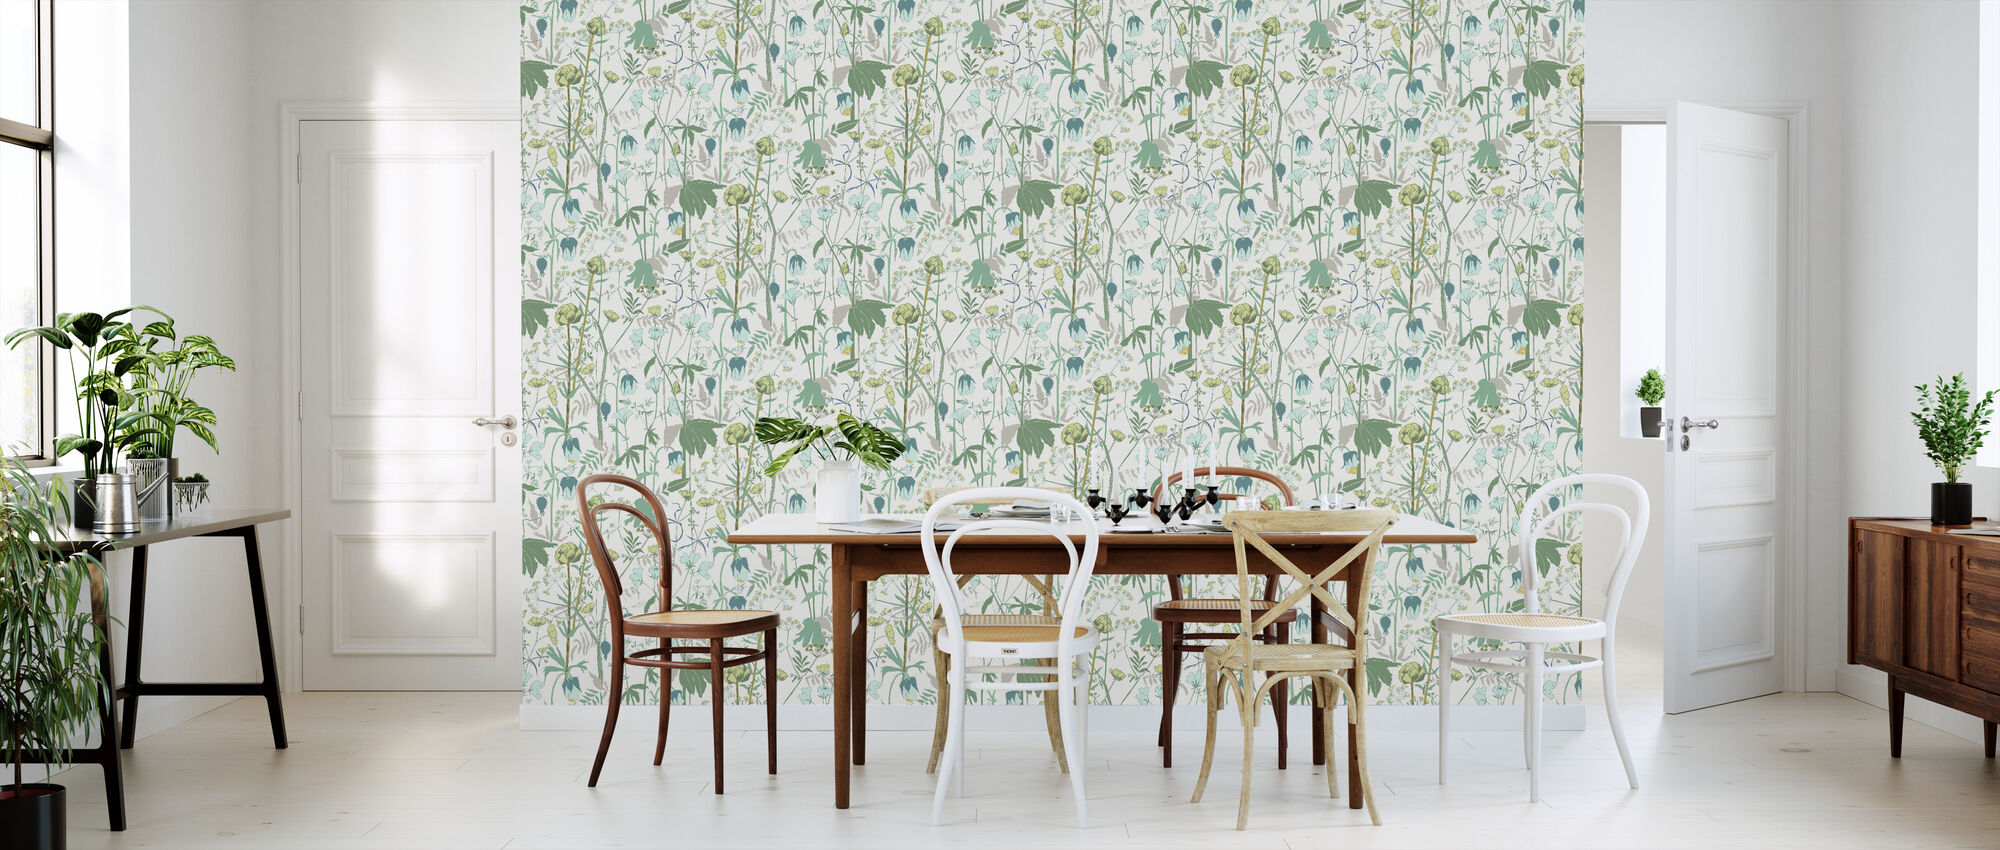 Summer Meadow - Green - Wallpaper - Kitchen